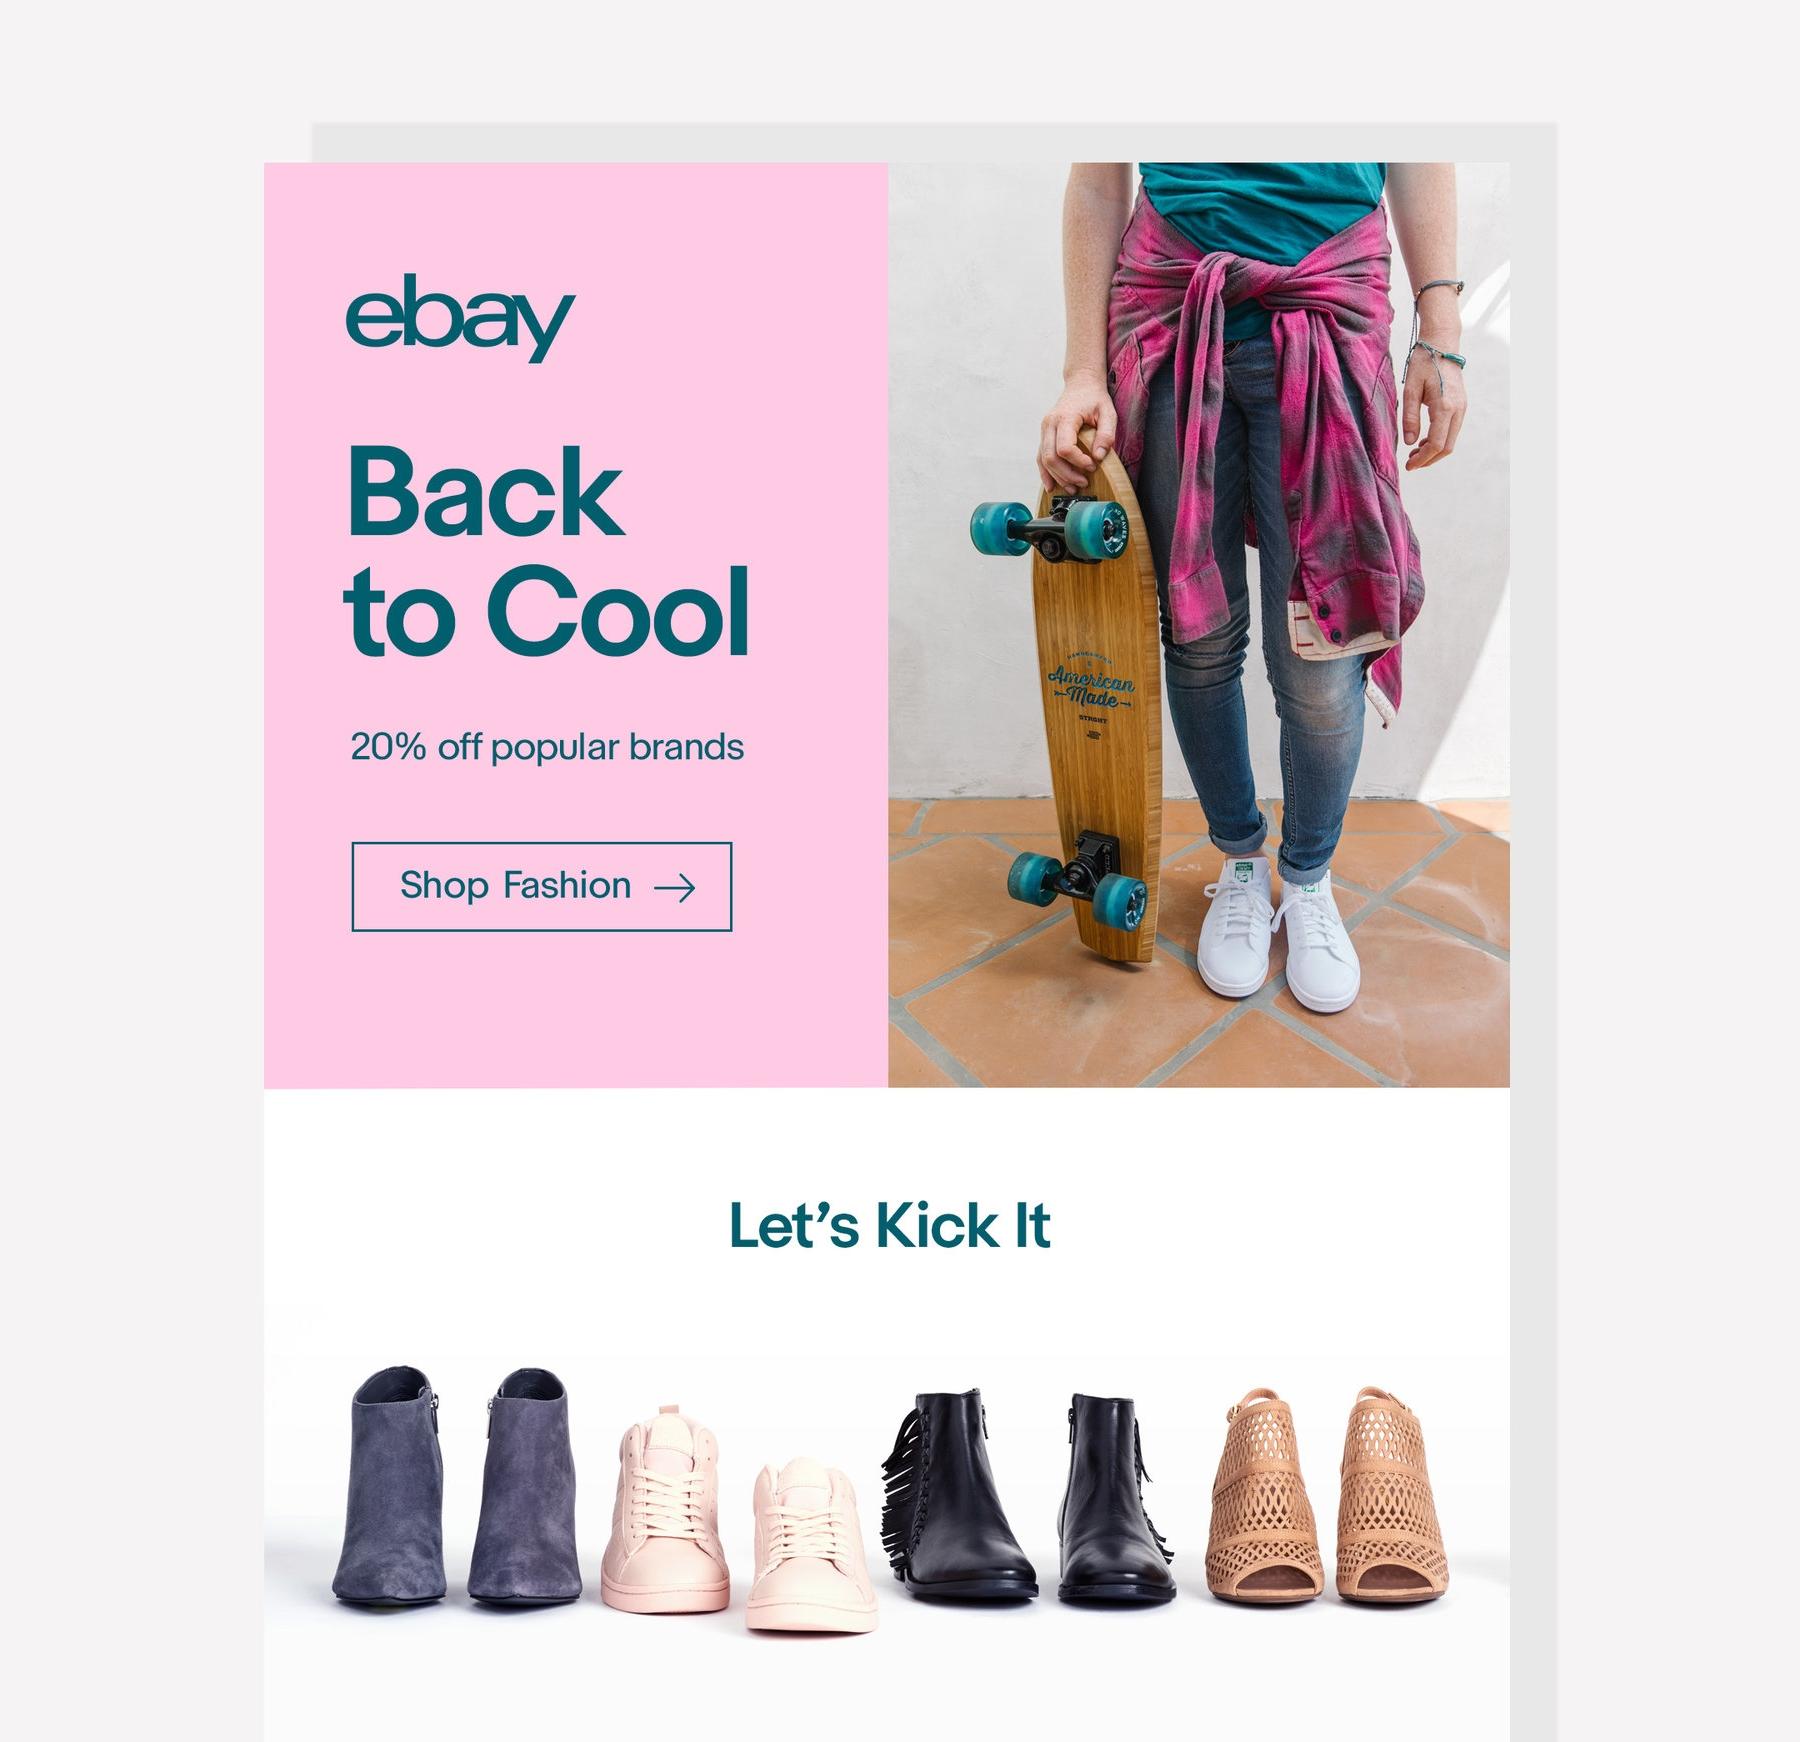 eBay-email-02.jpg